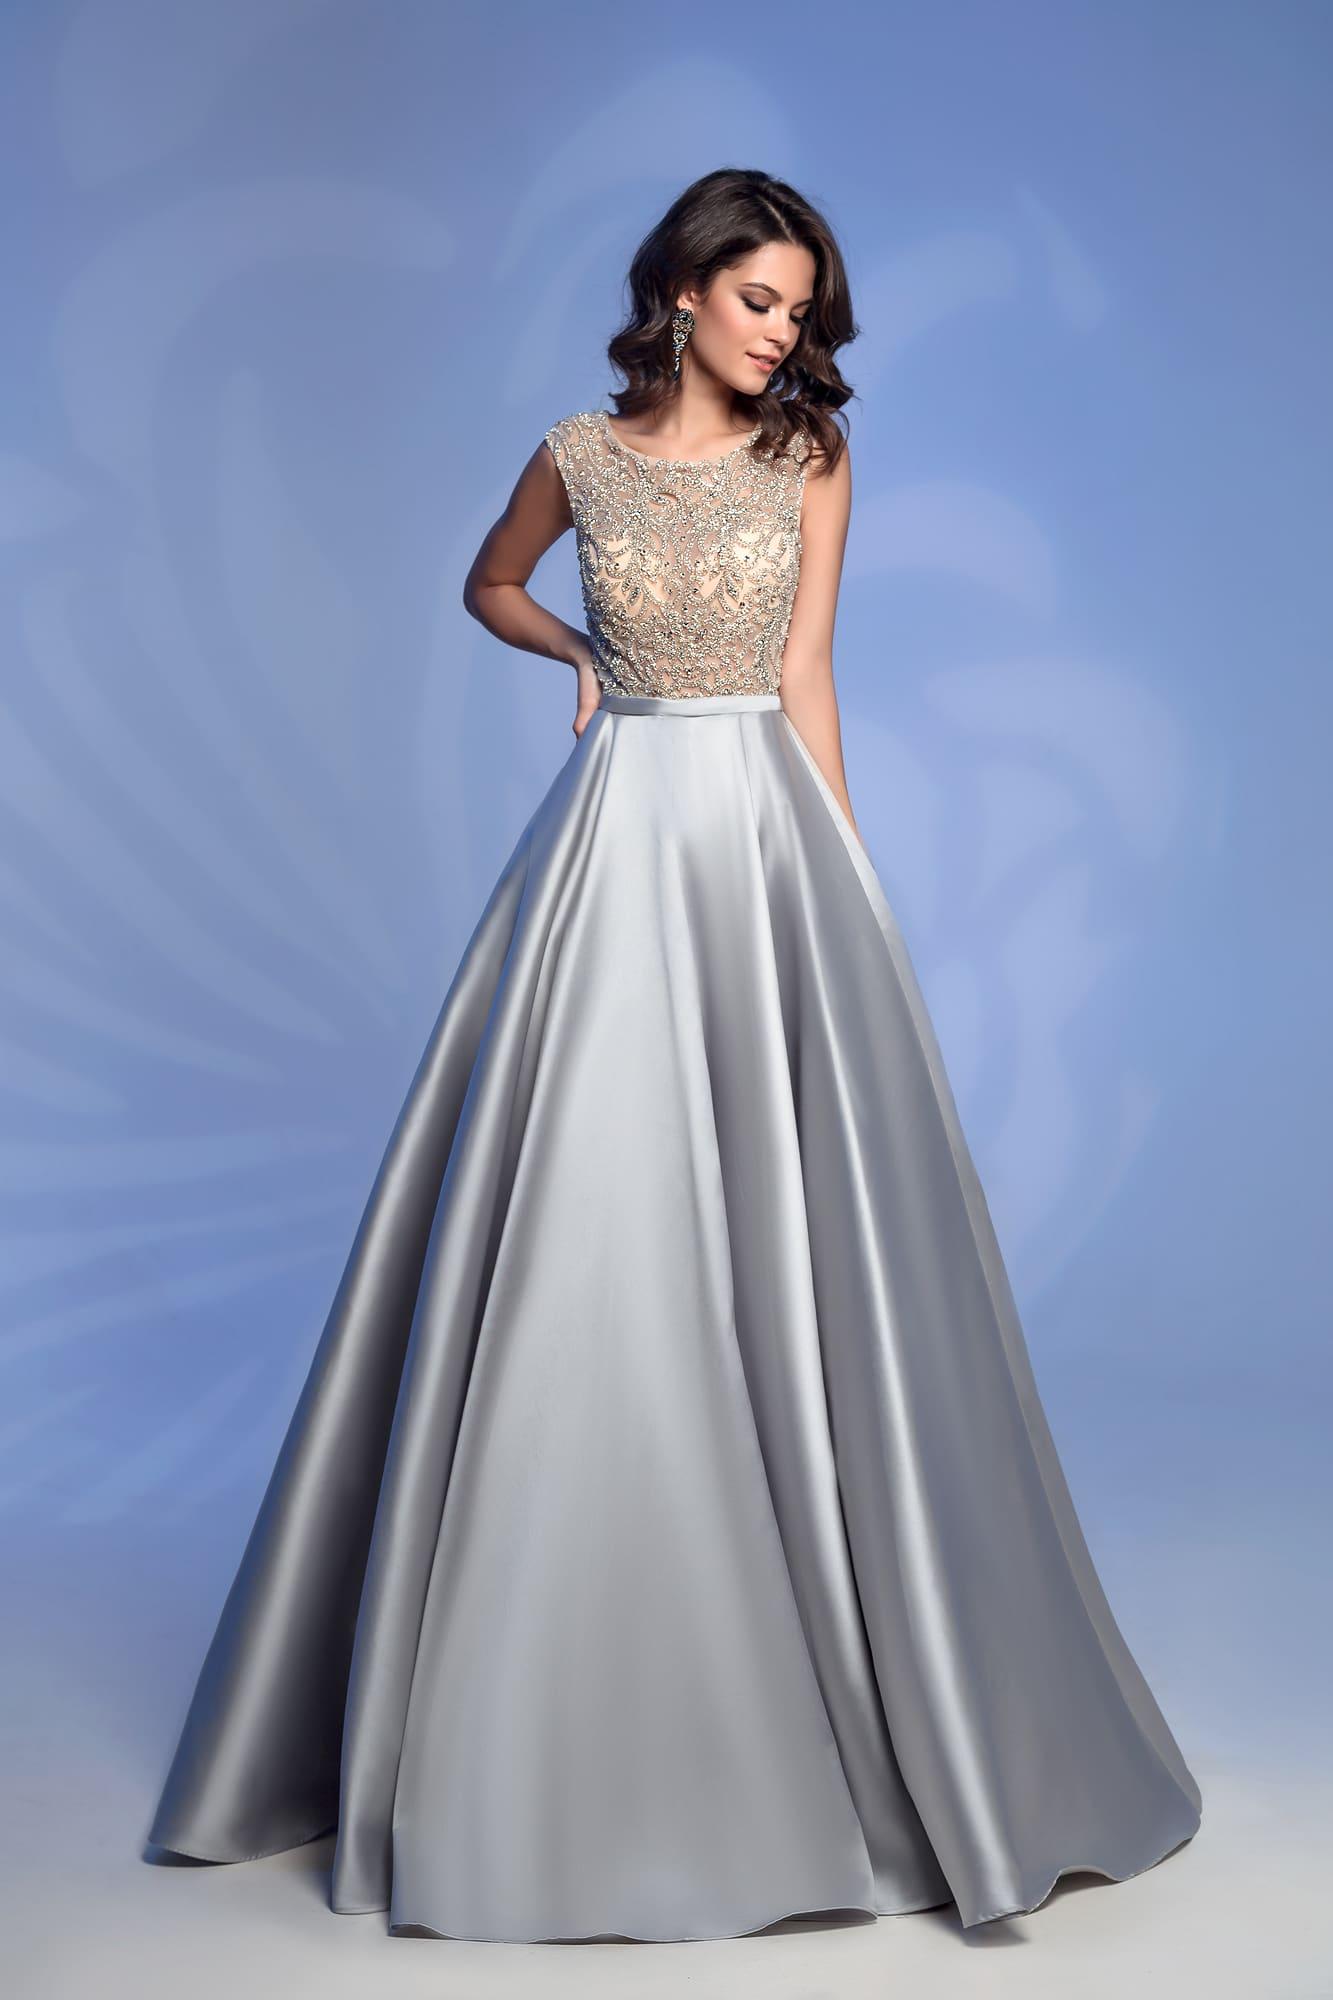 c0d61fcb8a6a9f2 Вечернее платье Nora Naviano 32362D grey. Купить вечернее платье в ...